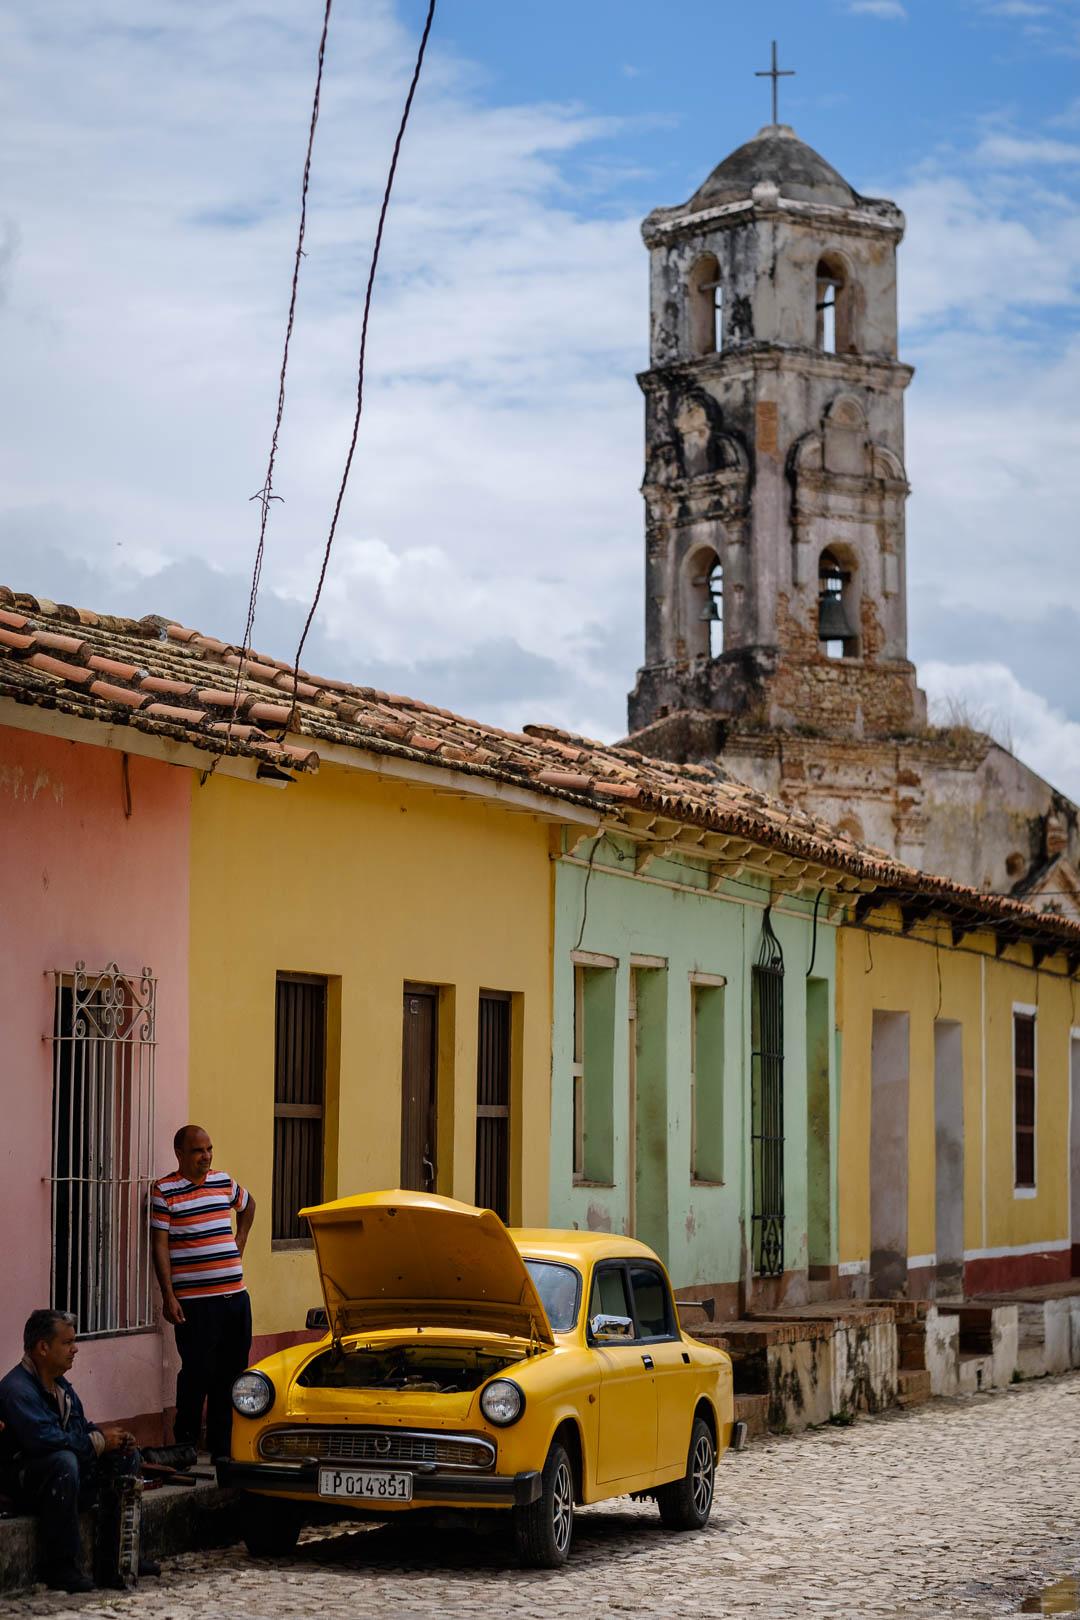 180429-Trinidad-134-1080.jpg